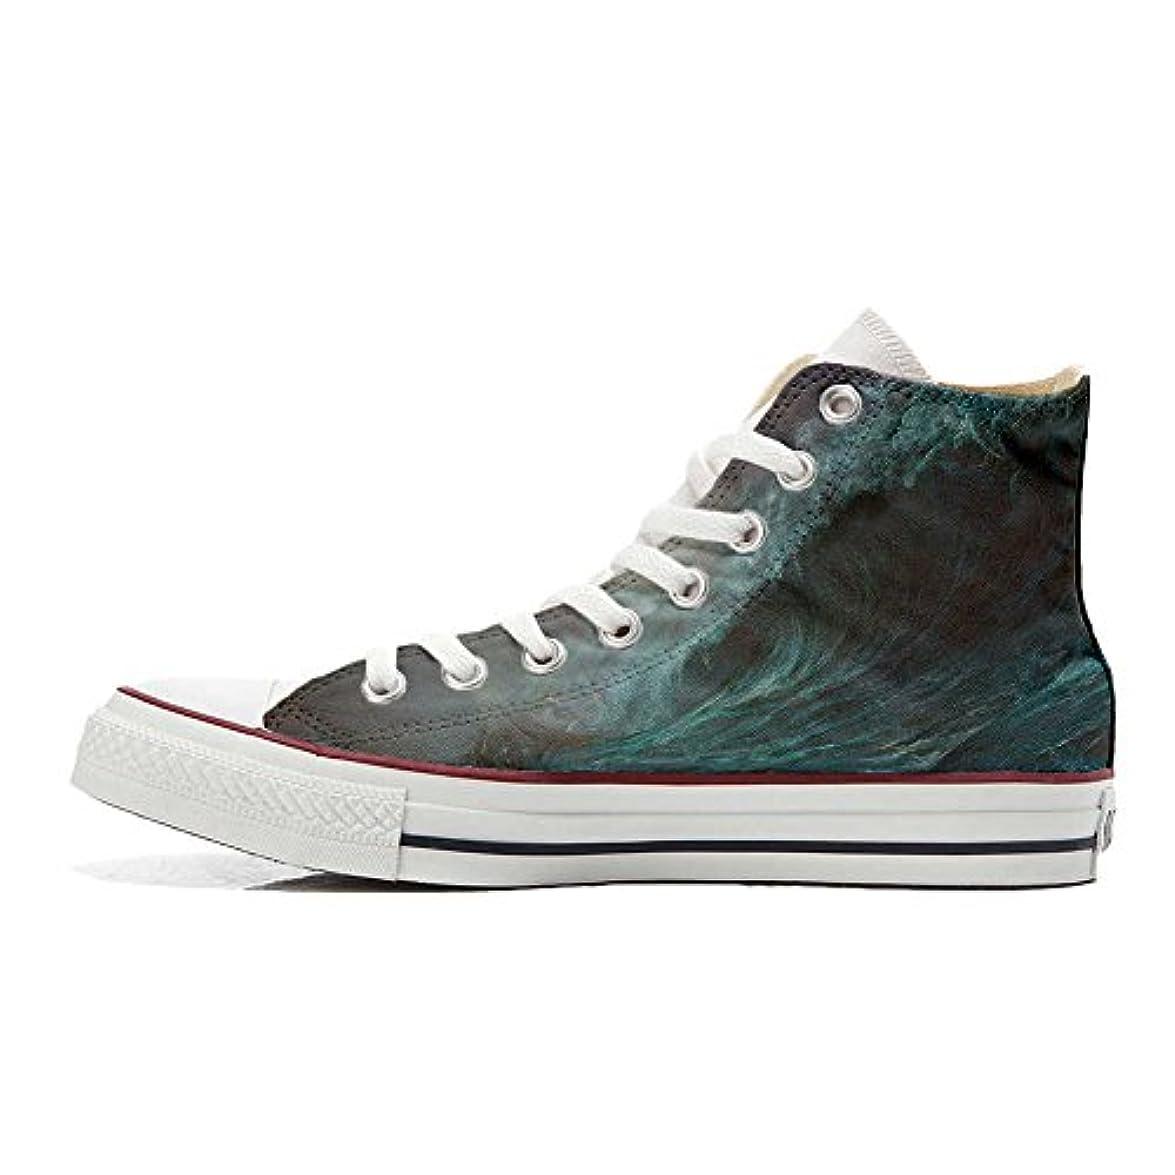 Converse Personalizzate All Star Sneaker Unisex scarpa Artigianale Perfect Wave - Tg41